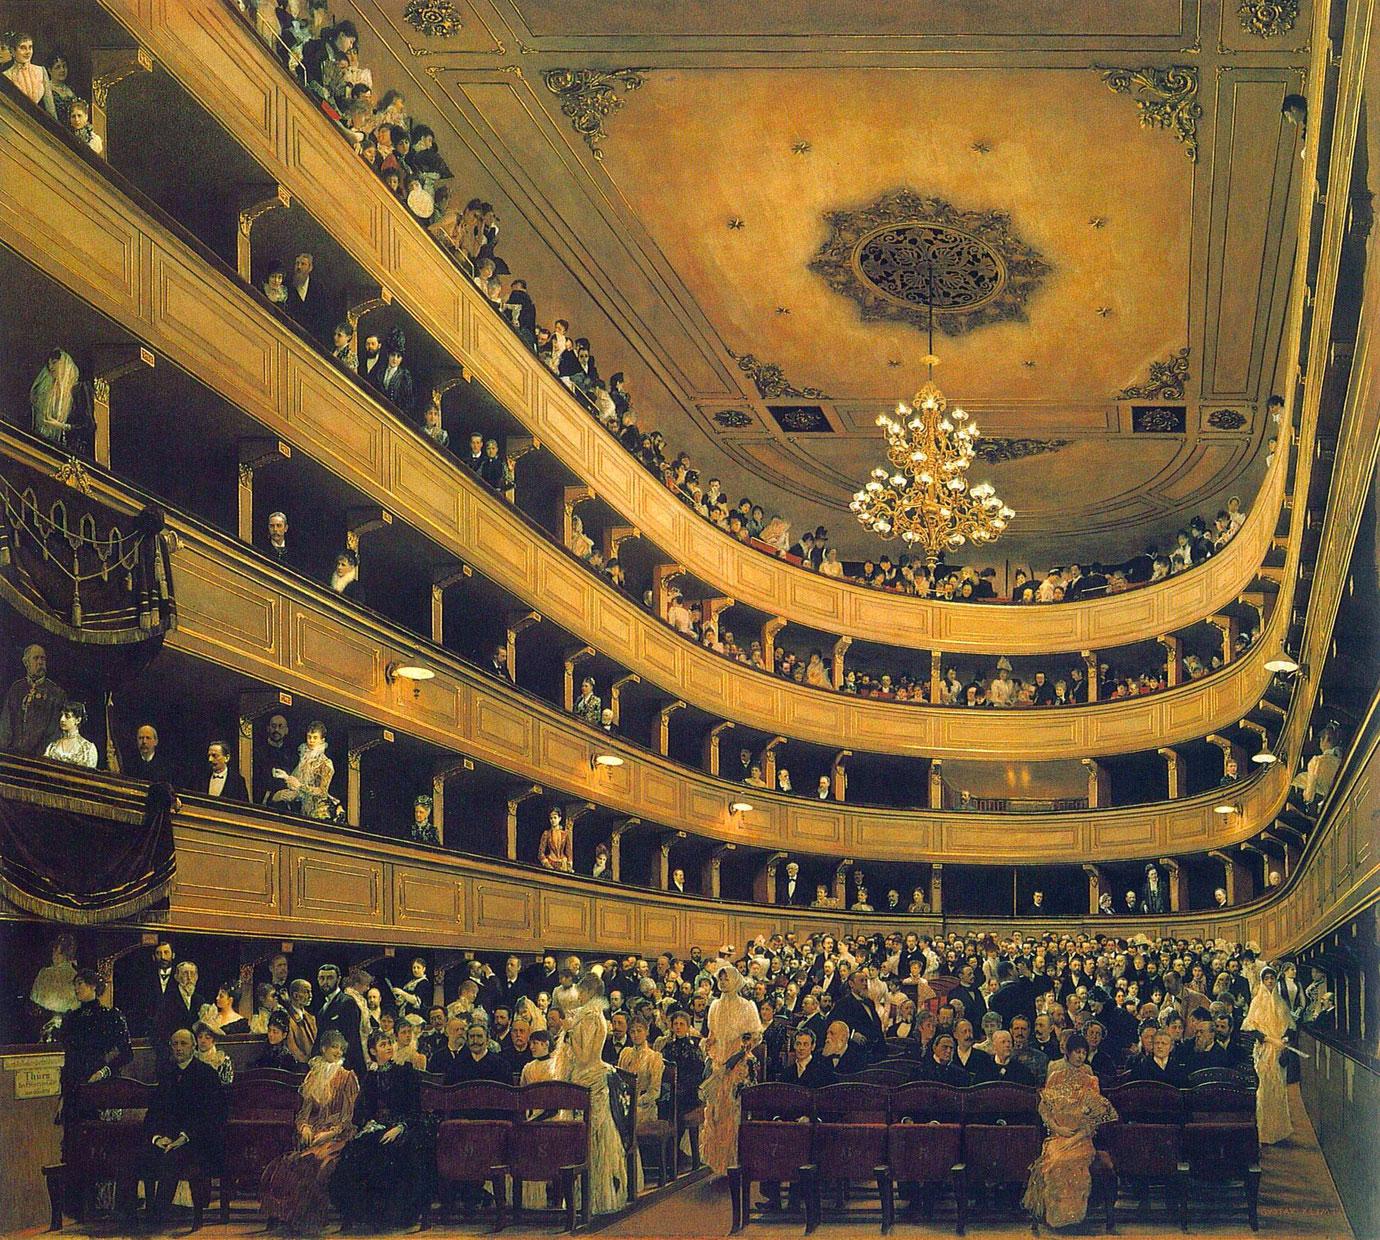 L'interno del vecchio Burgtheater - opera di Klimt del 1888